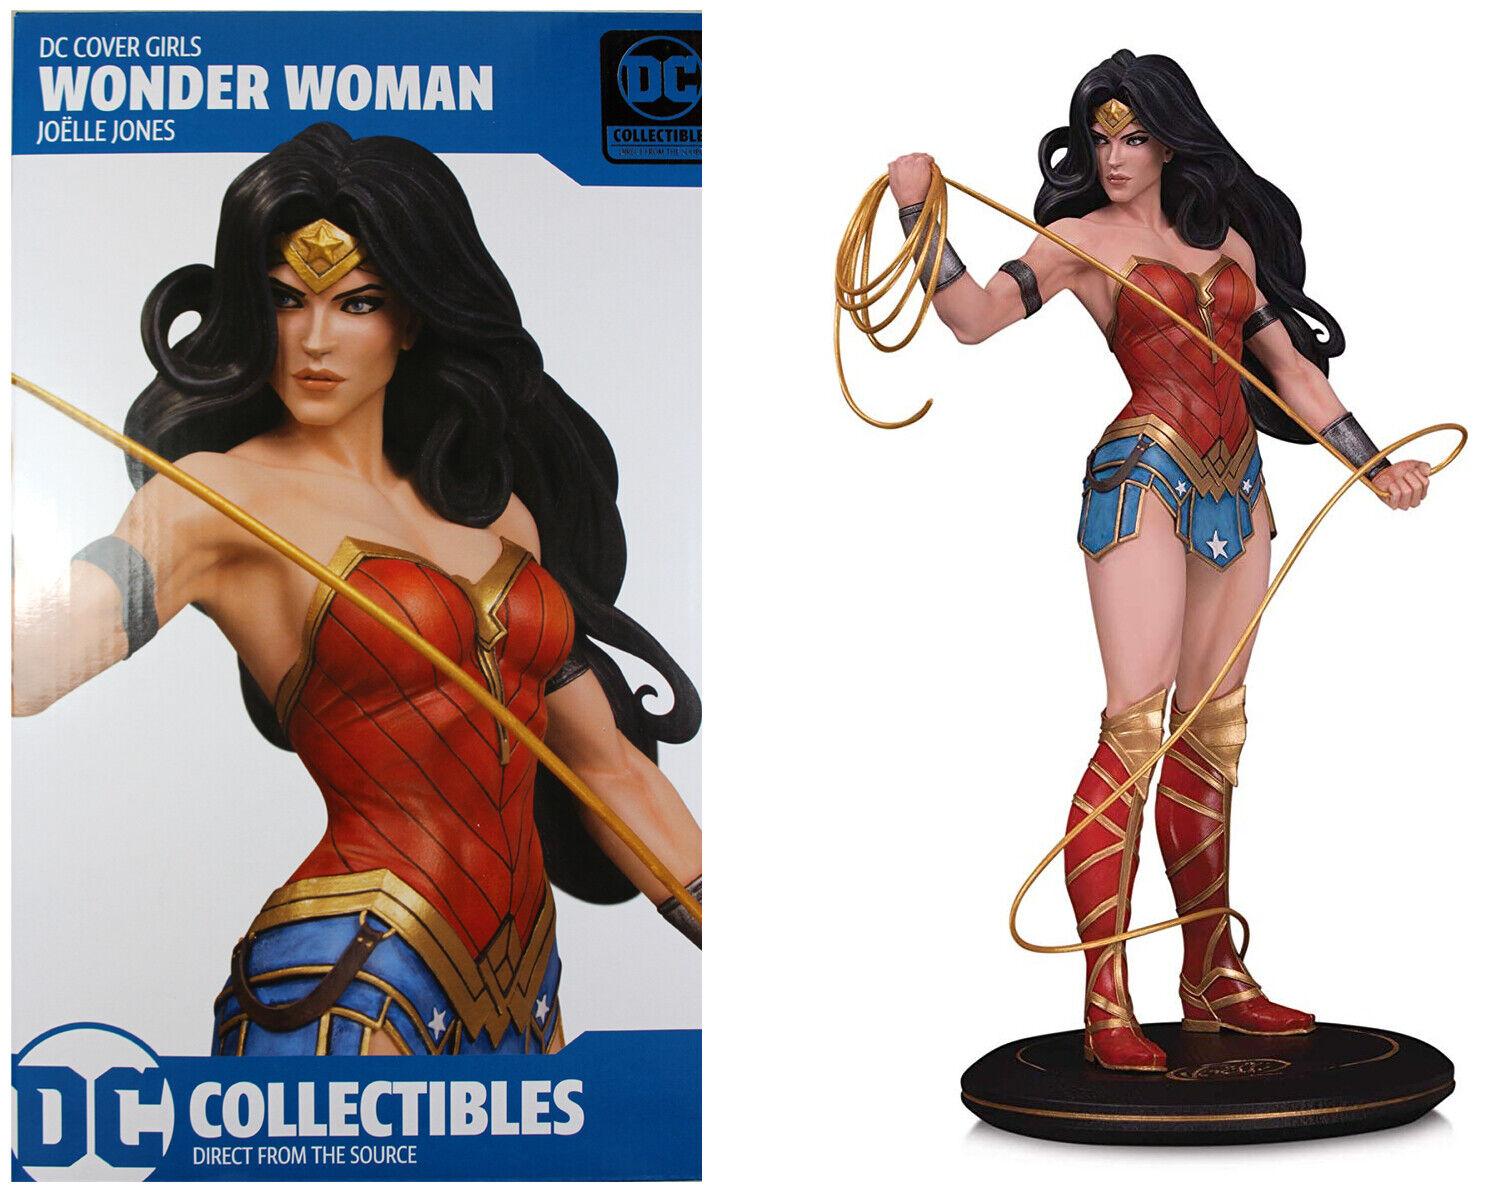 DC Housse Filles  Wonder Woman Statue par Joelle Jones  DC Collectibles